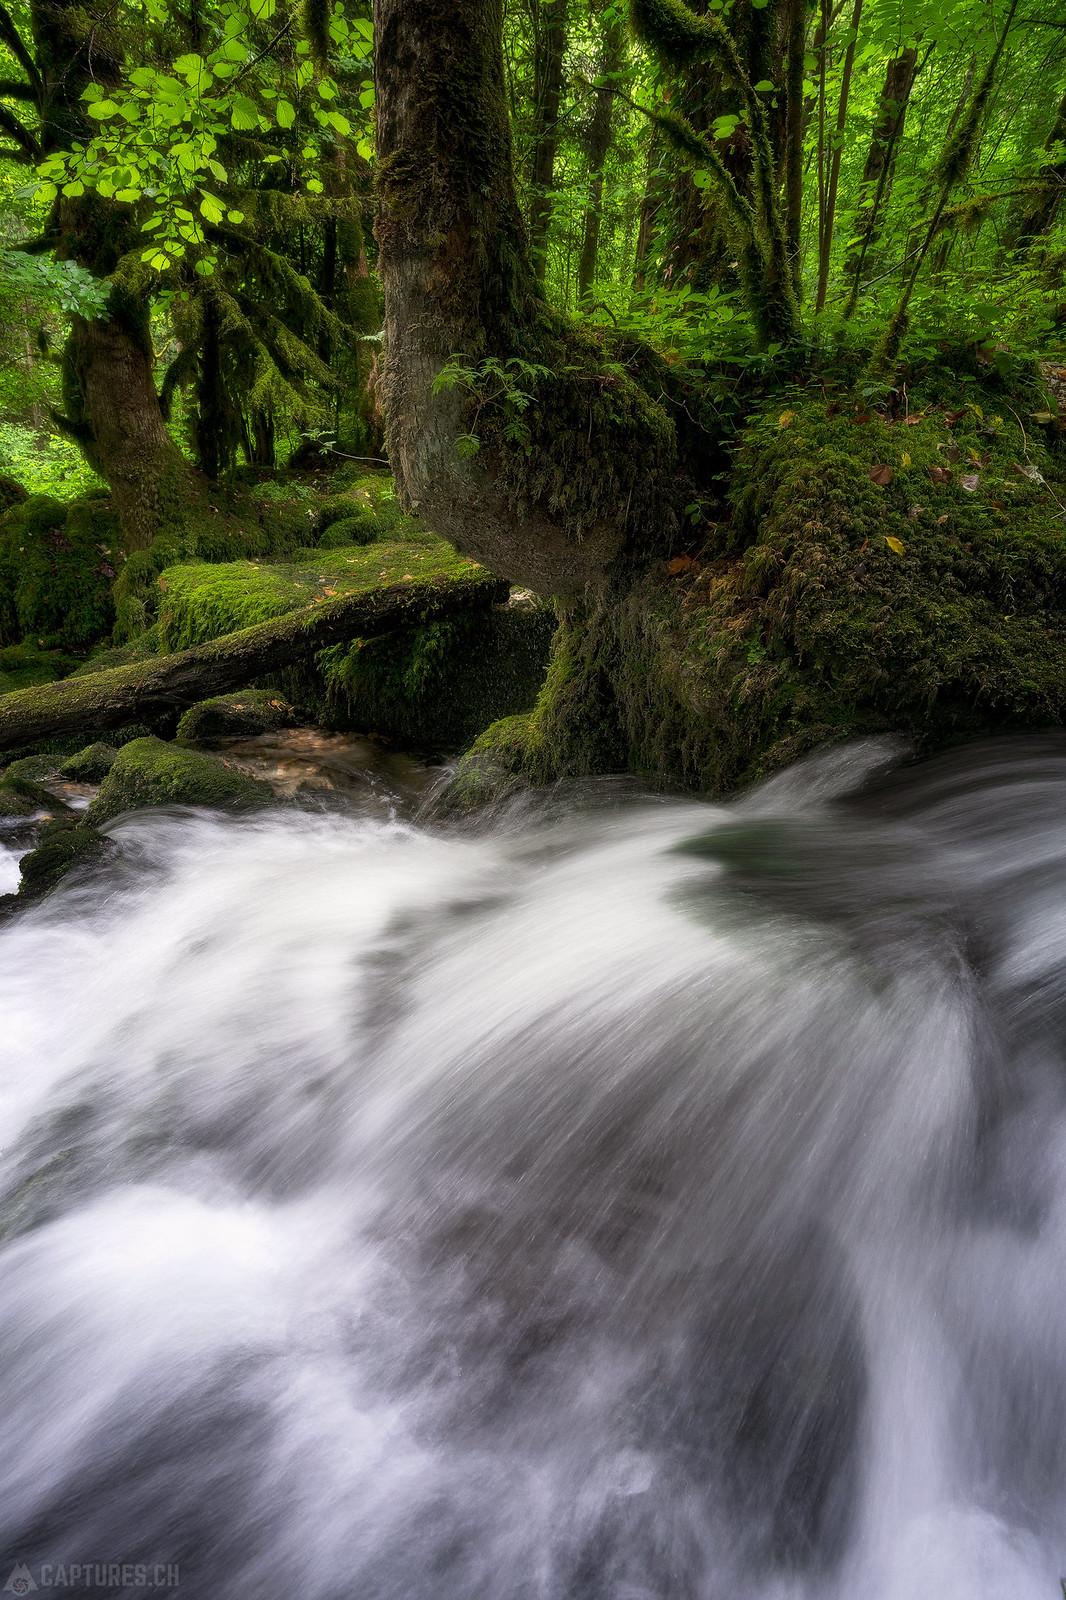 River flow - Gorges du Pichoux